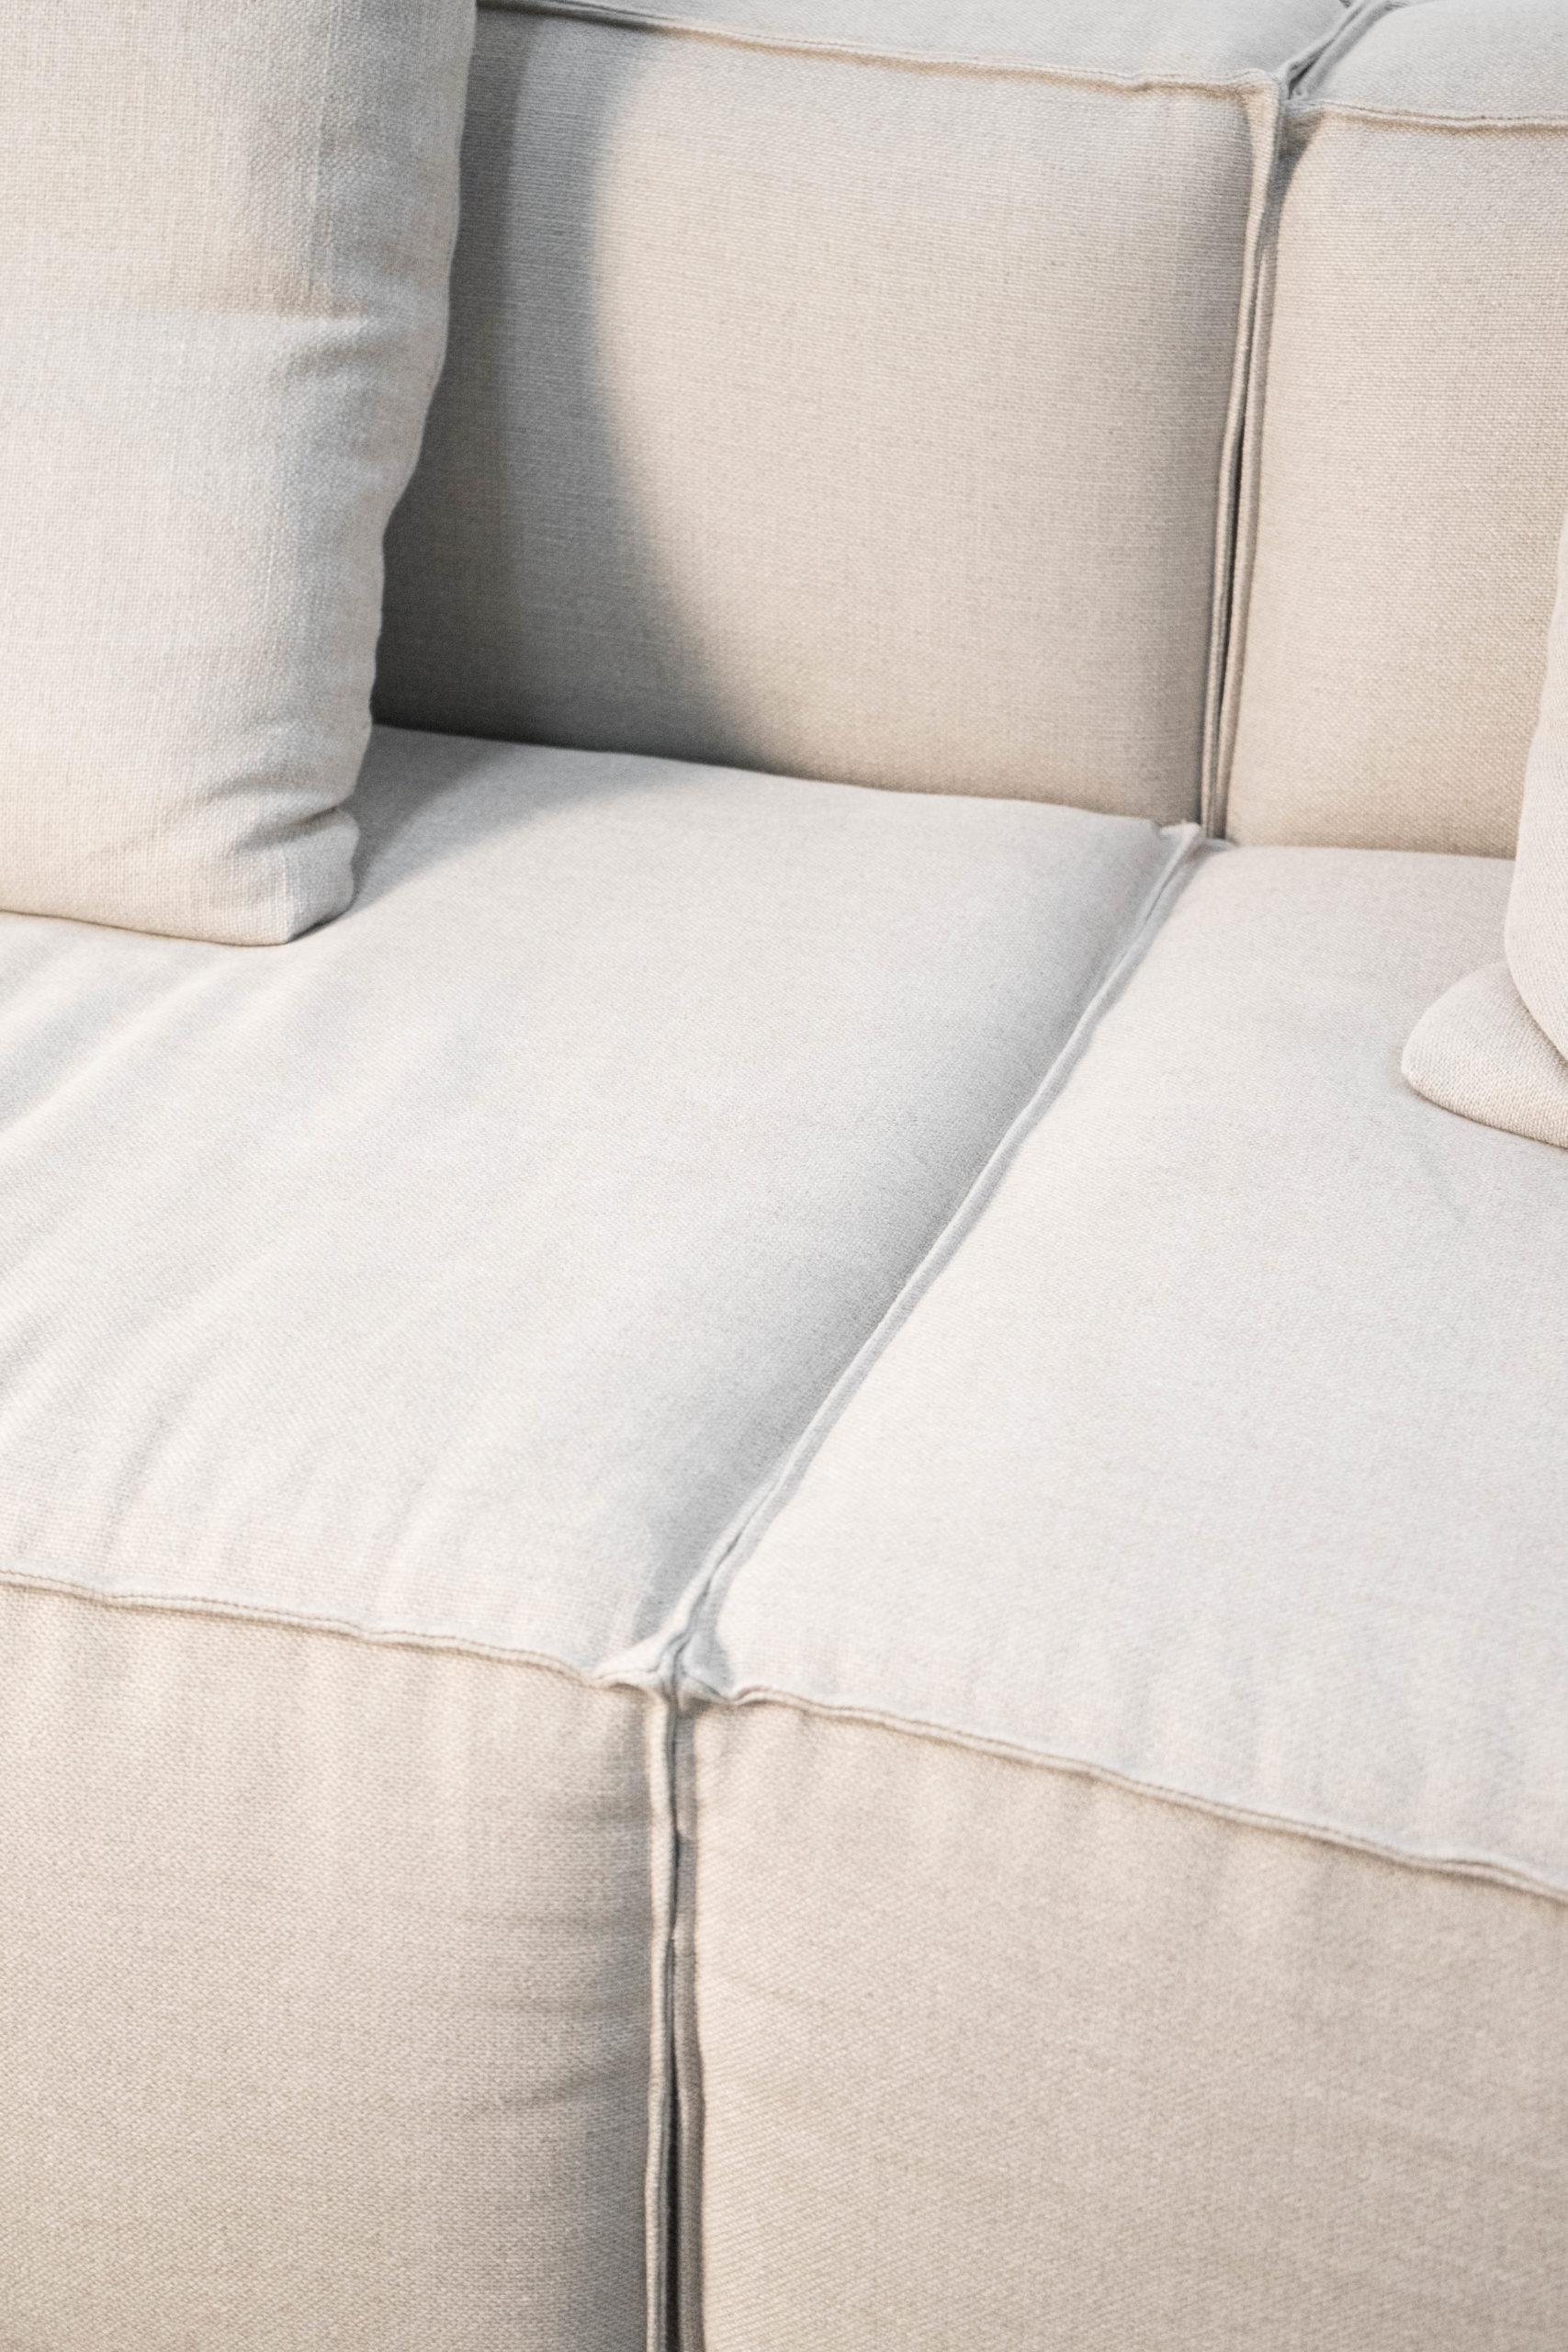 sofa algodon lino beige hecho a mano otto